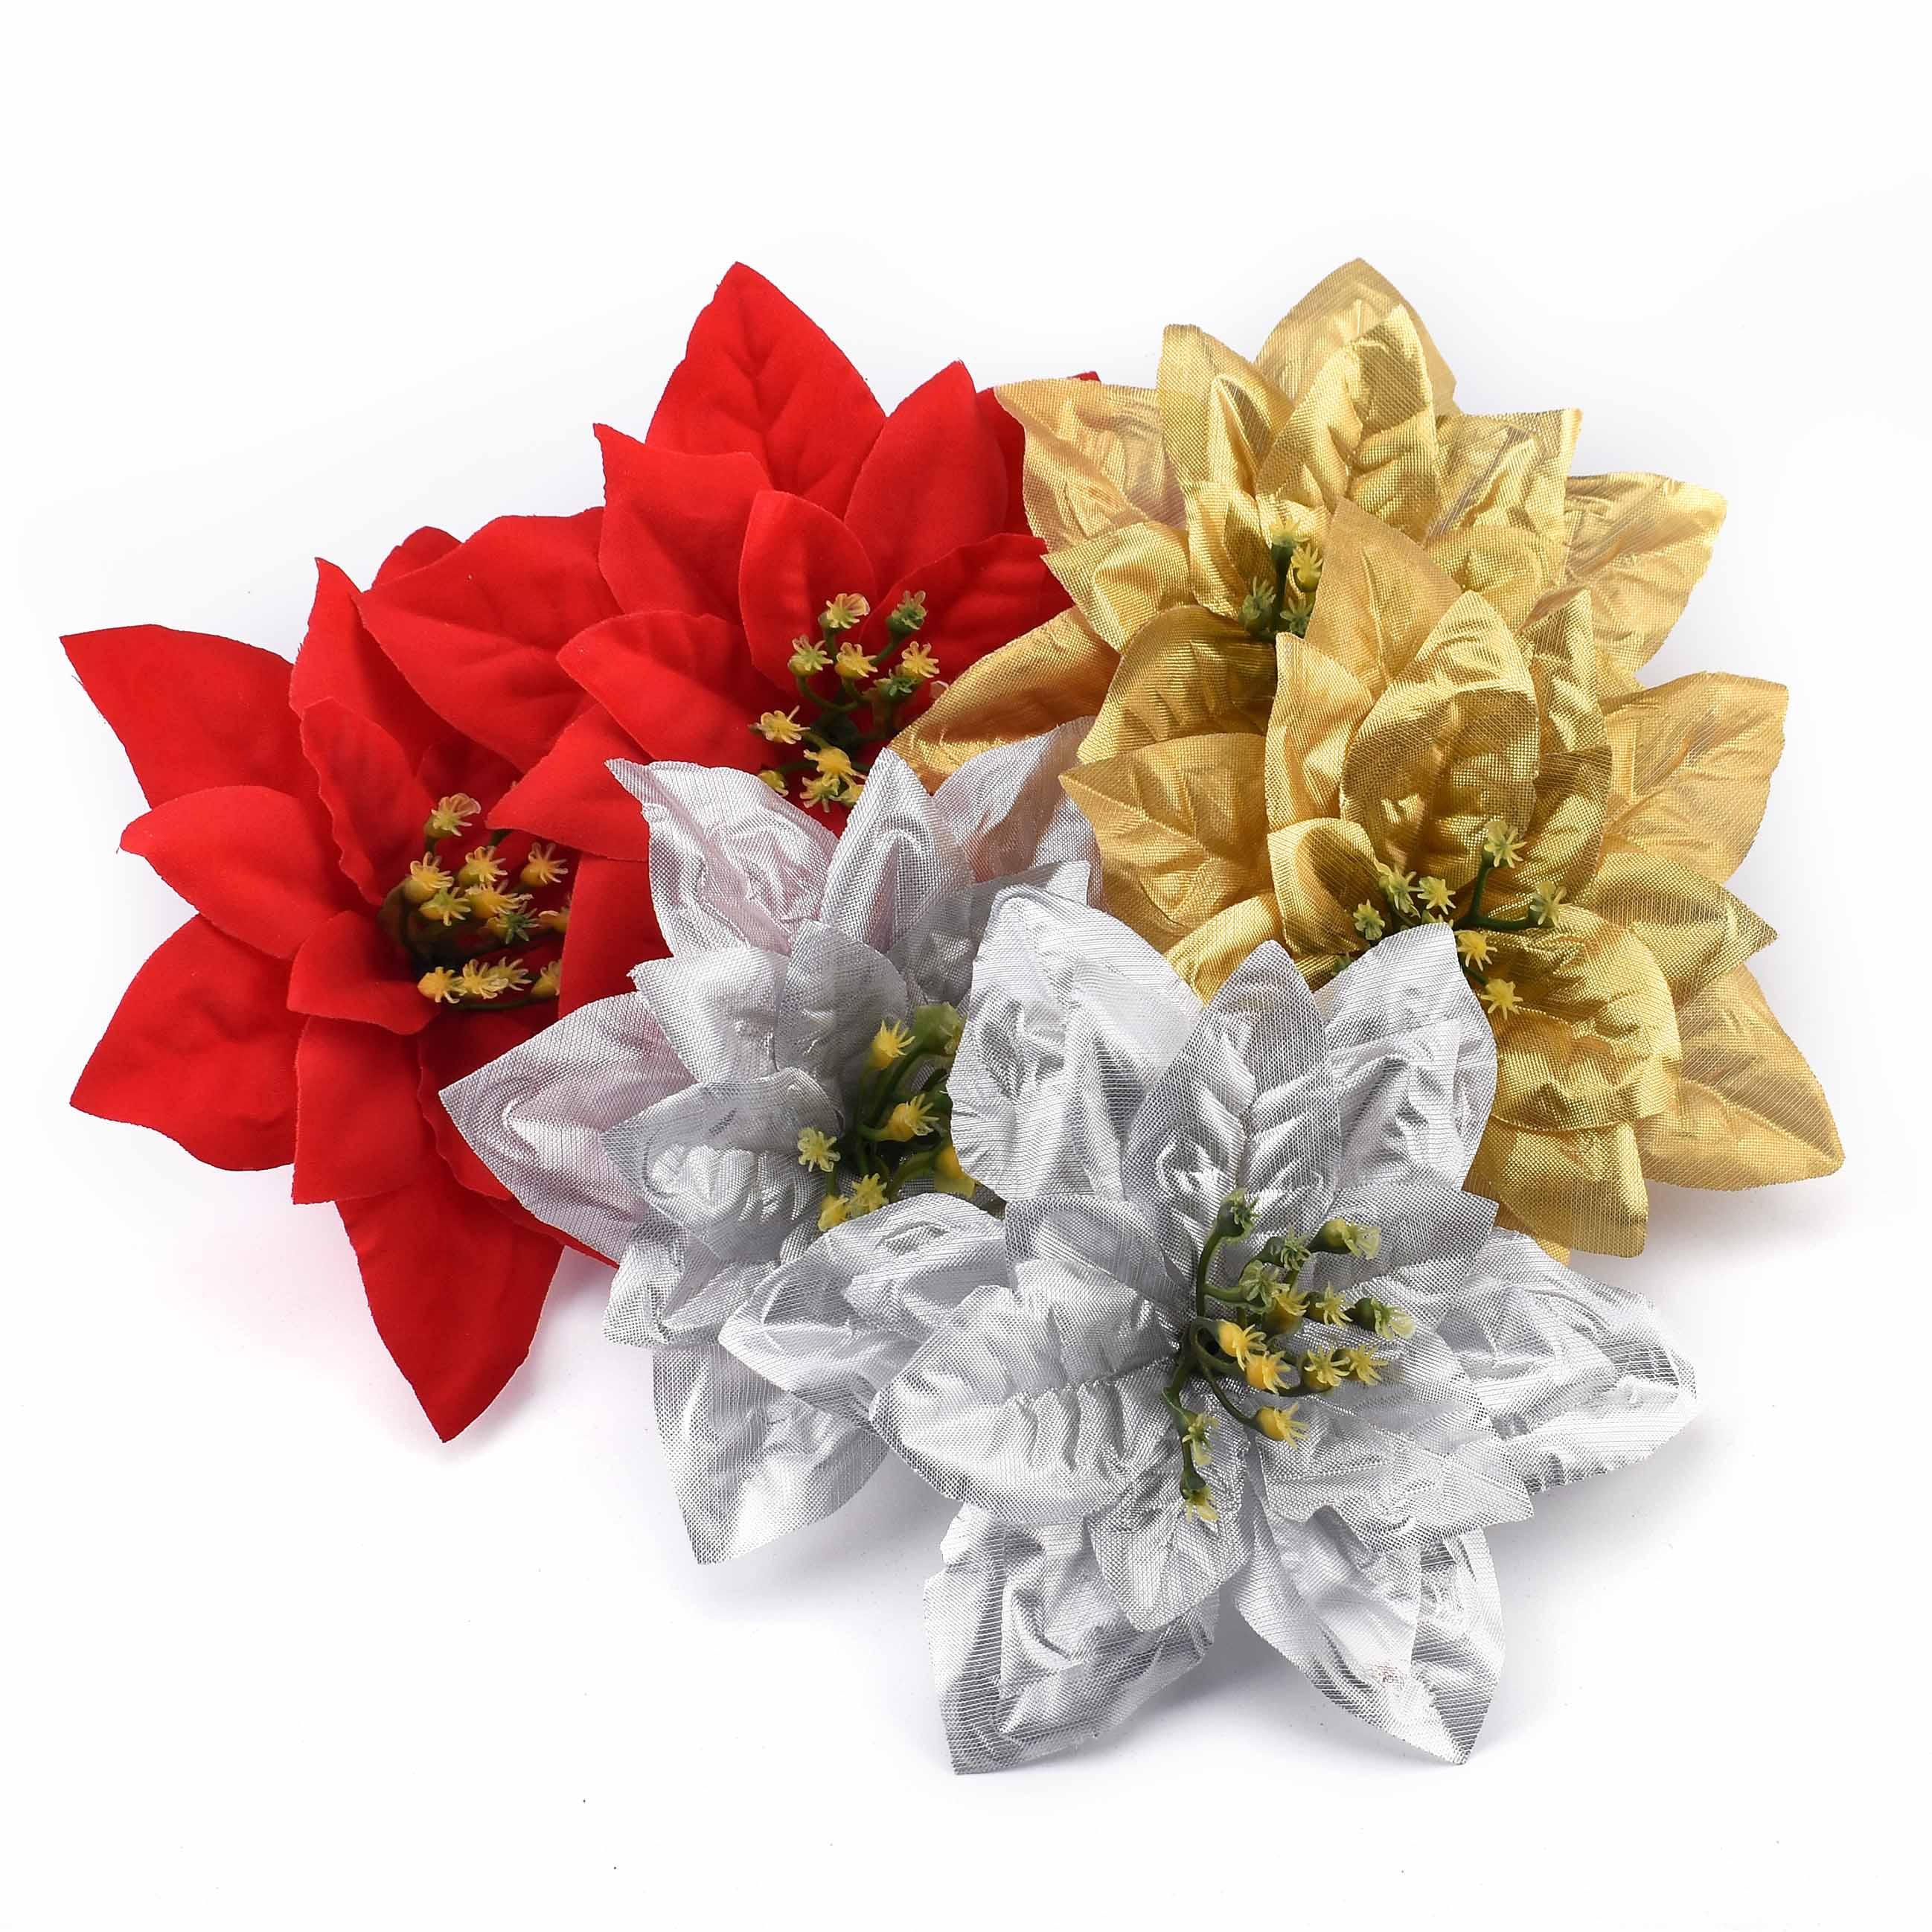 3 uds./15 cm grandes cabezas artificiales de flores de oro, plata, rosa roja para la decoración de la boda del hogar flores de seda del árbol de Navidad DIY